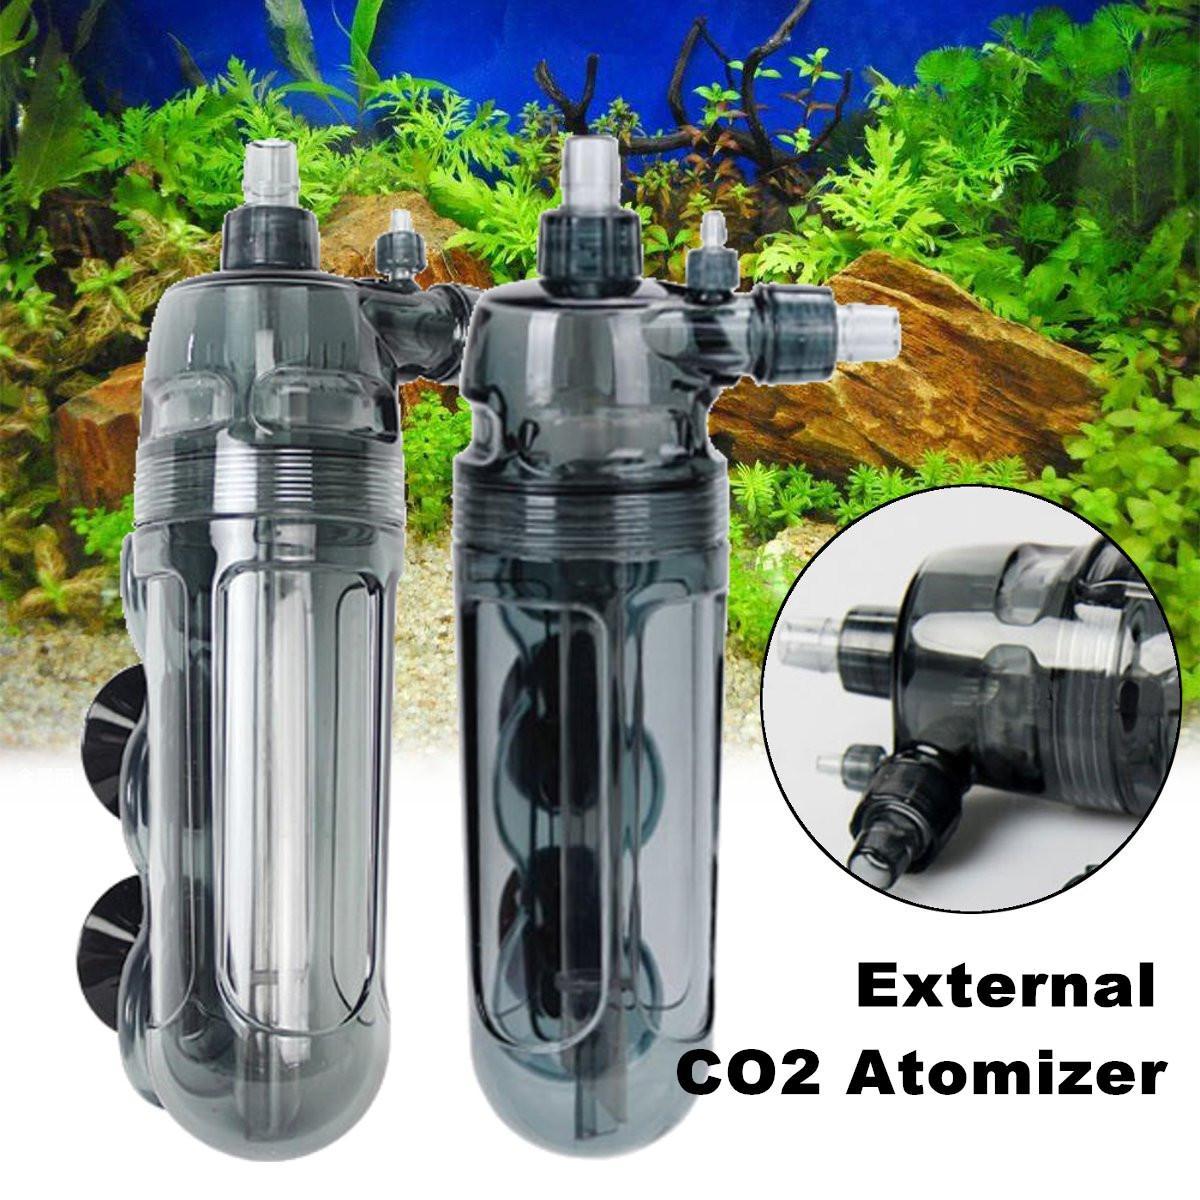 Aquarium Aquarium externe CO2 atomiseur diffuseur réservoir de poisson atomiseur eau herbe plante aquatique dioxyde de carbone équipement approvisionnement